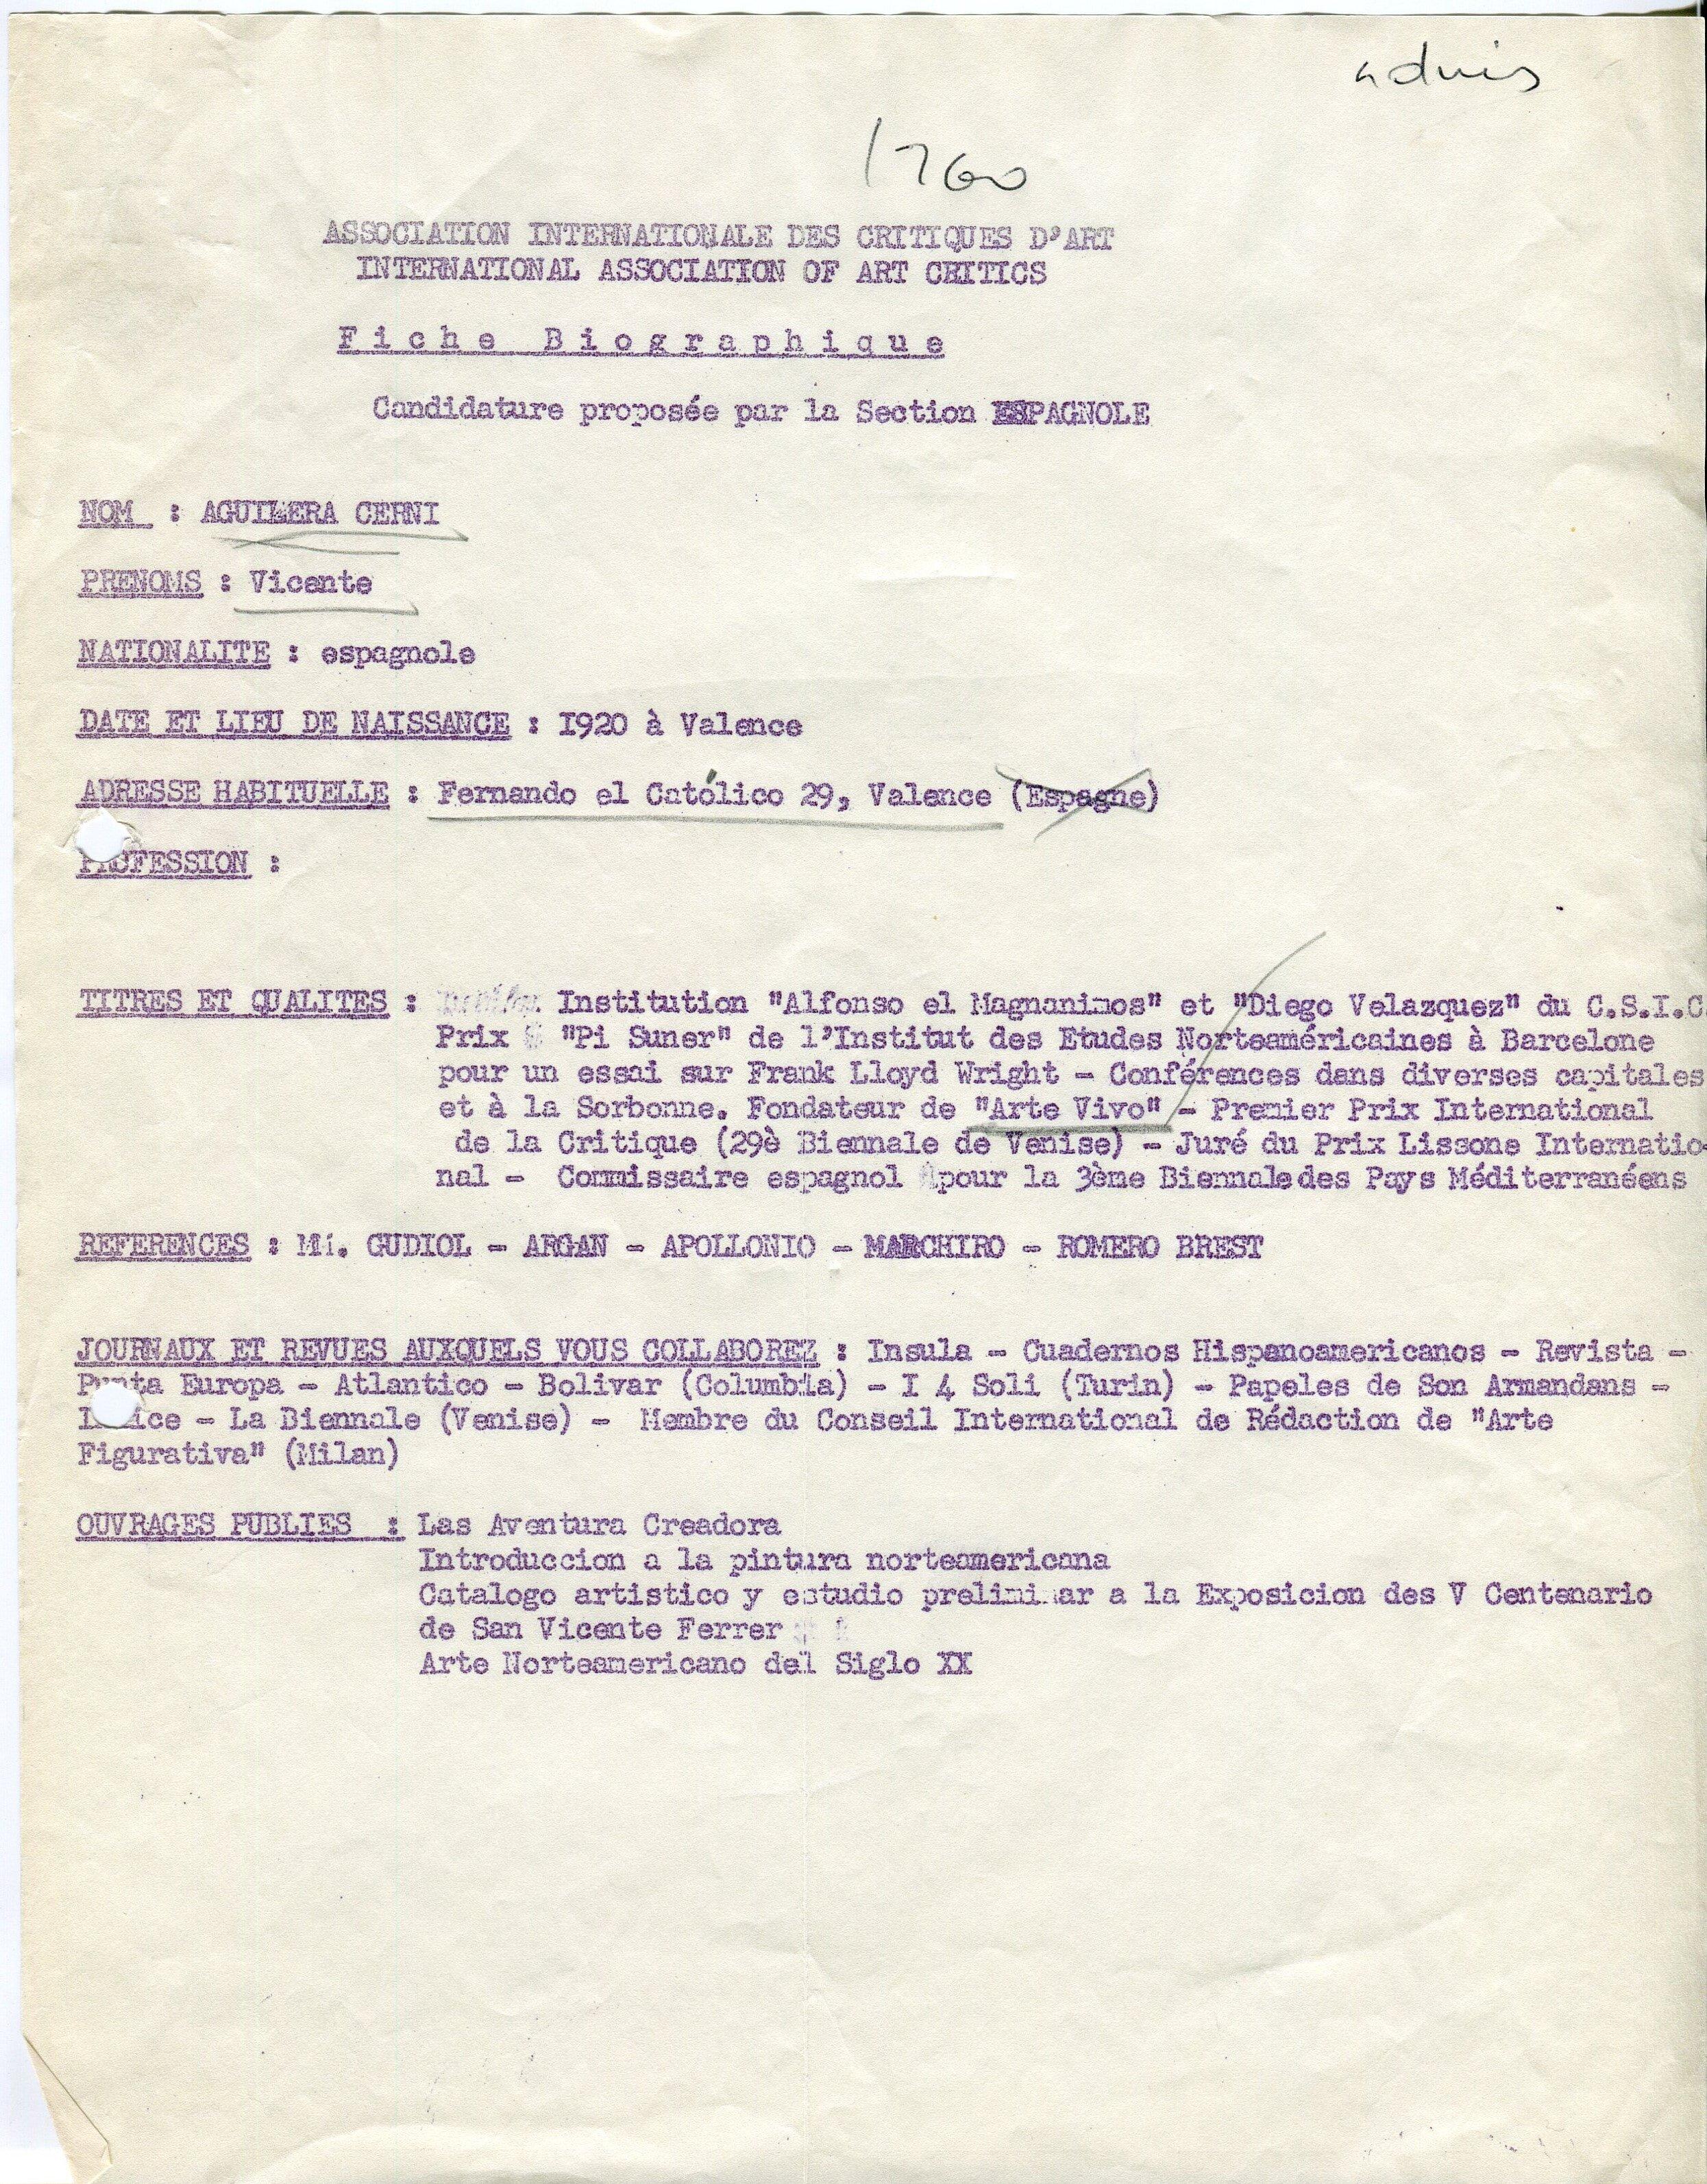 Fiche biographique de candidature à l'AICA de Vicente Aguilera Cerni, 1960, fonds AICA International [FRACA AICAI THE ADM 08/32], collection INHA – Archives de la critique d'art. D.R.